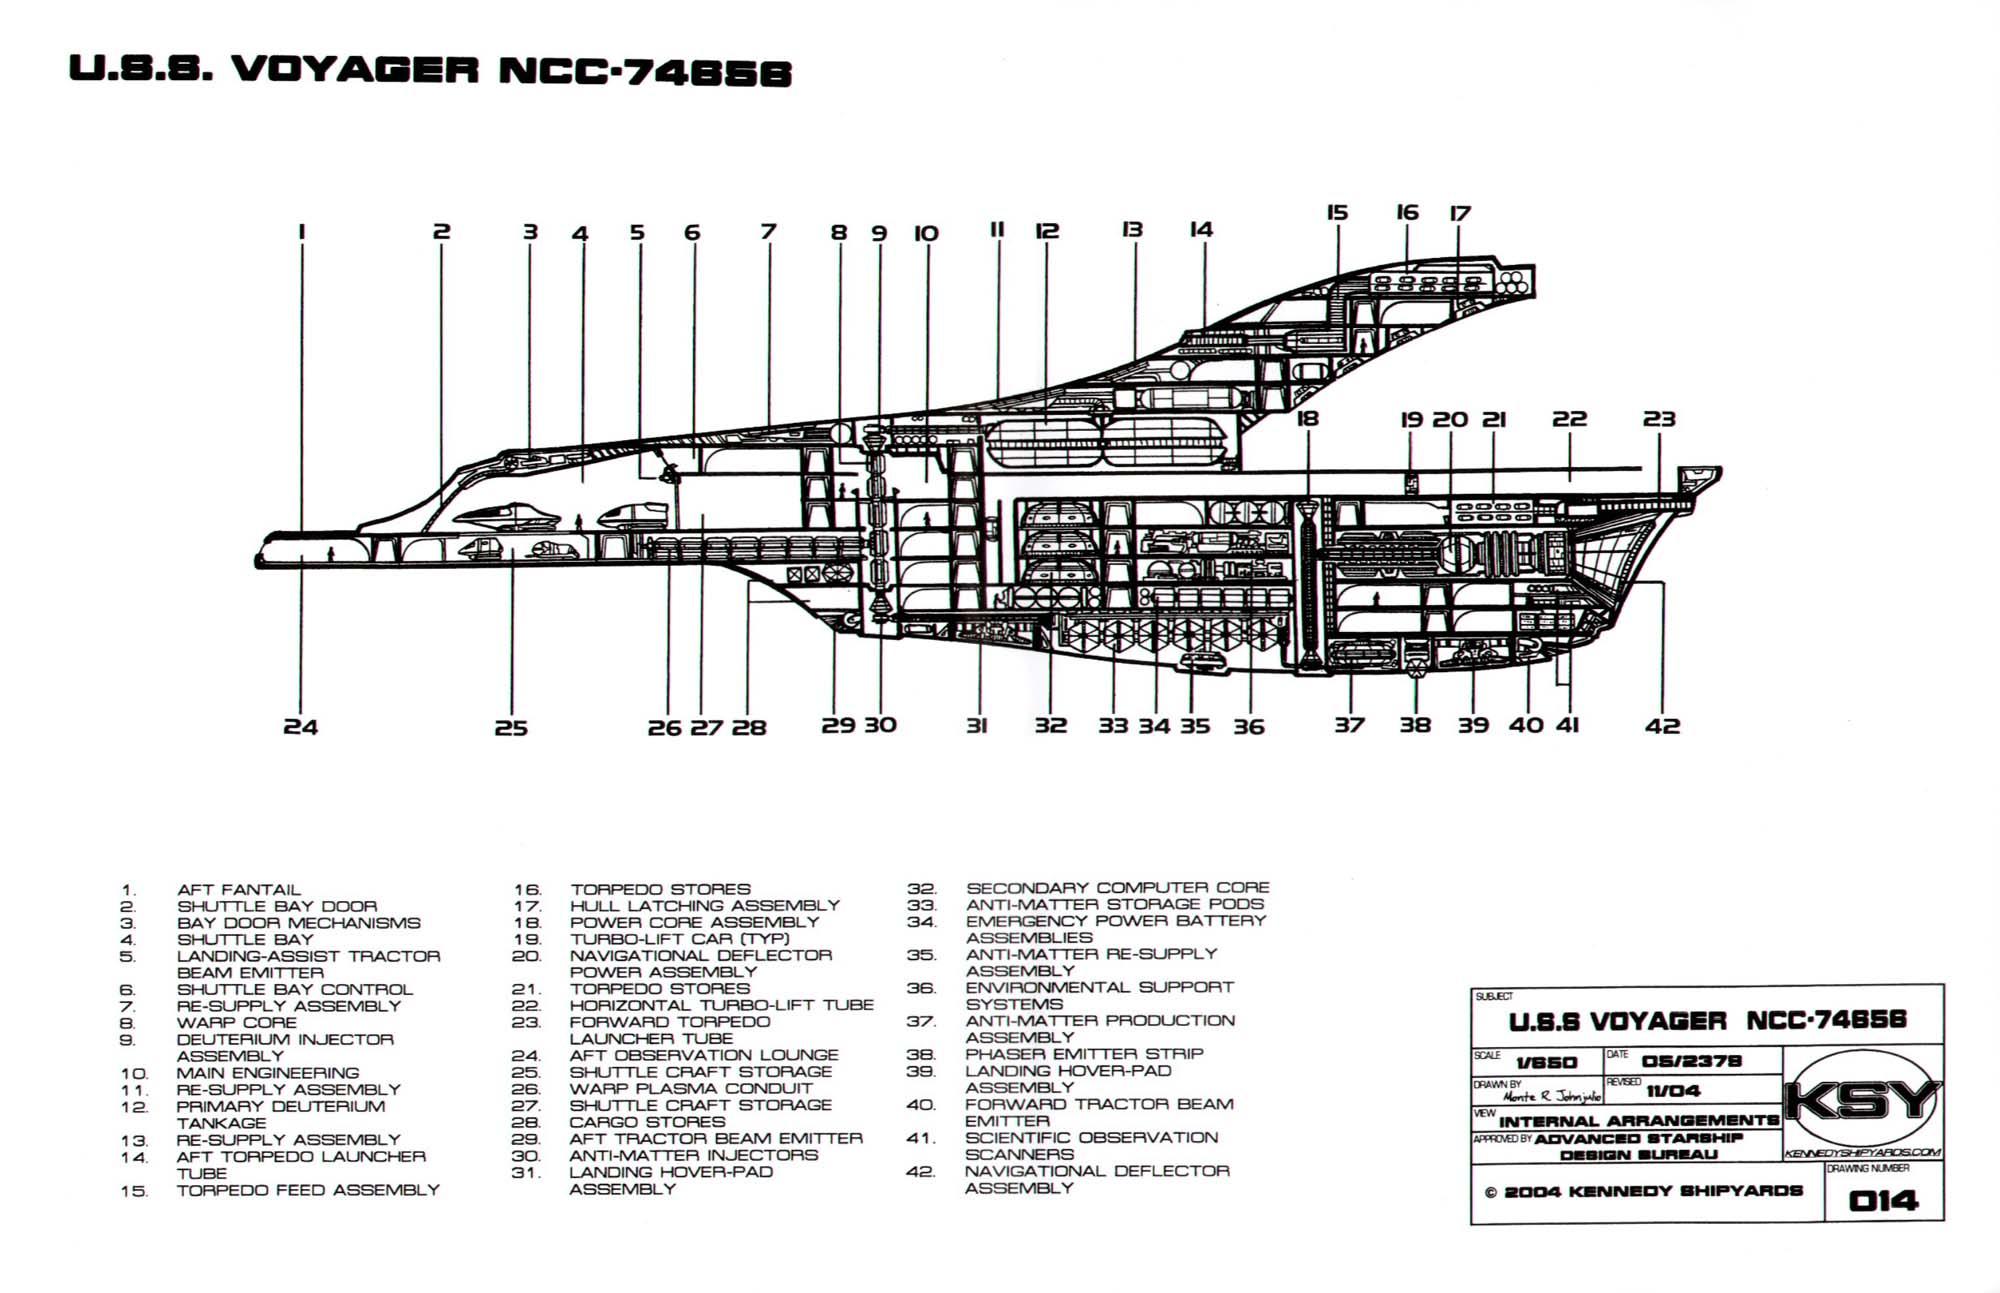 star trek blueprints intrepid class starship u s s voyager voyager internal schematic voyager schematics #12